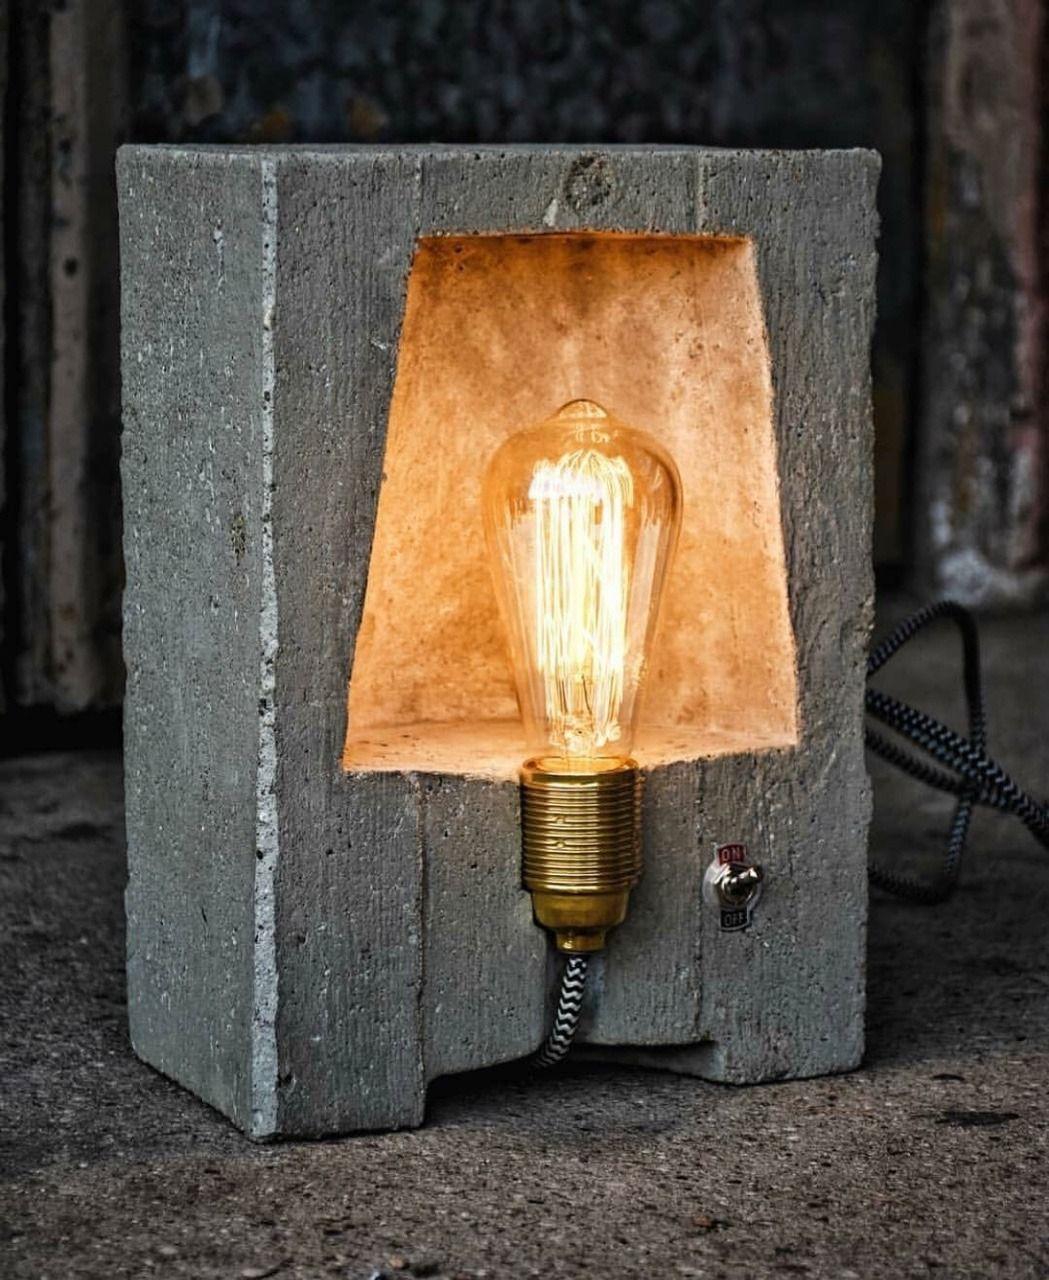 Pin Von Dieter Bellgardt Auf Ideen Design Lampen Lampe Beton Lampendesign